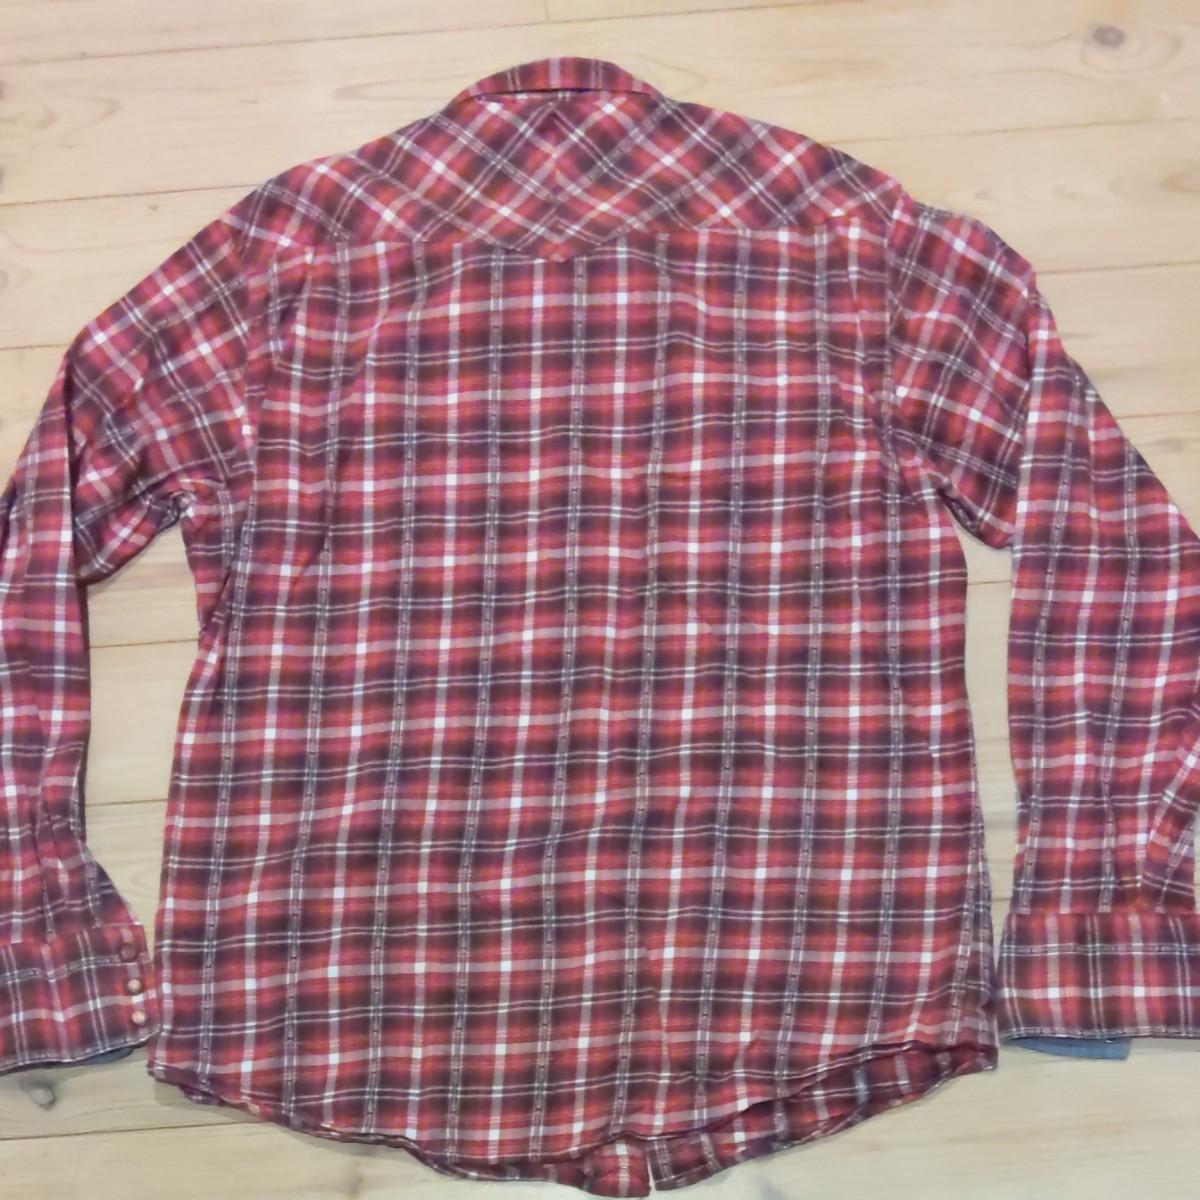 10/30まで ネルシャツ チェックシャツ 長袖シャツ チェック チェック柄 赤